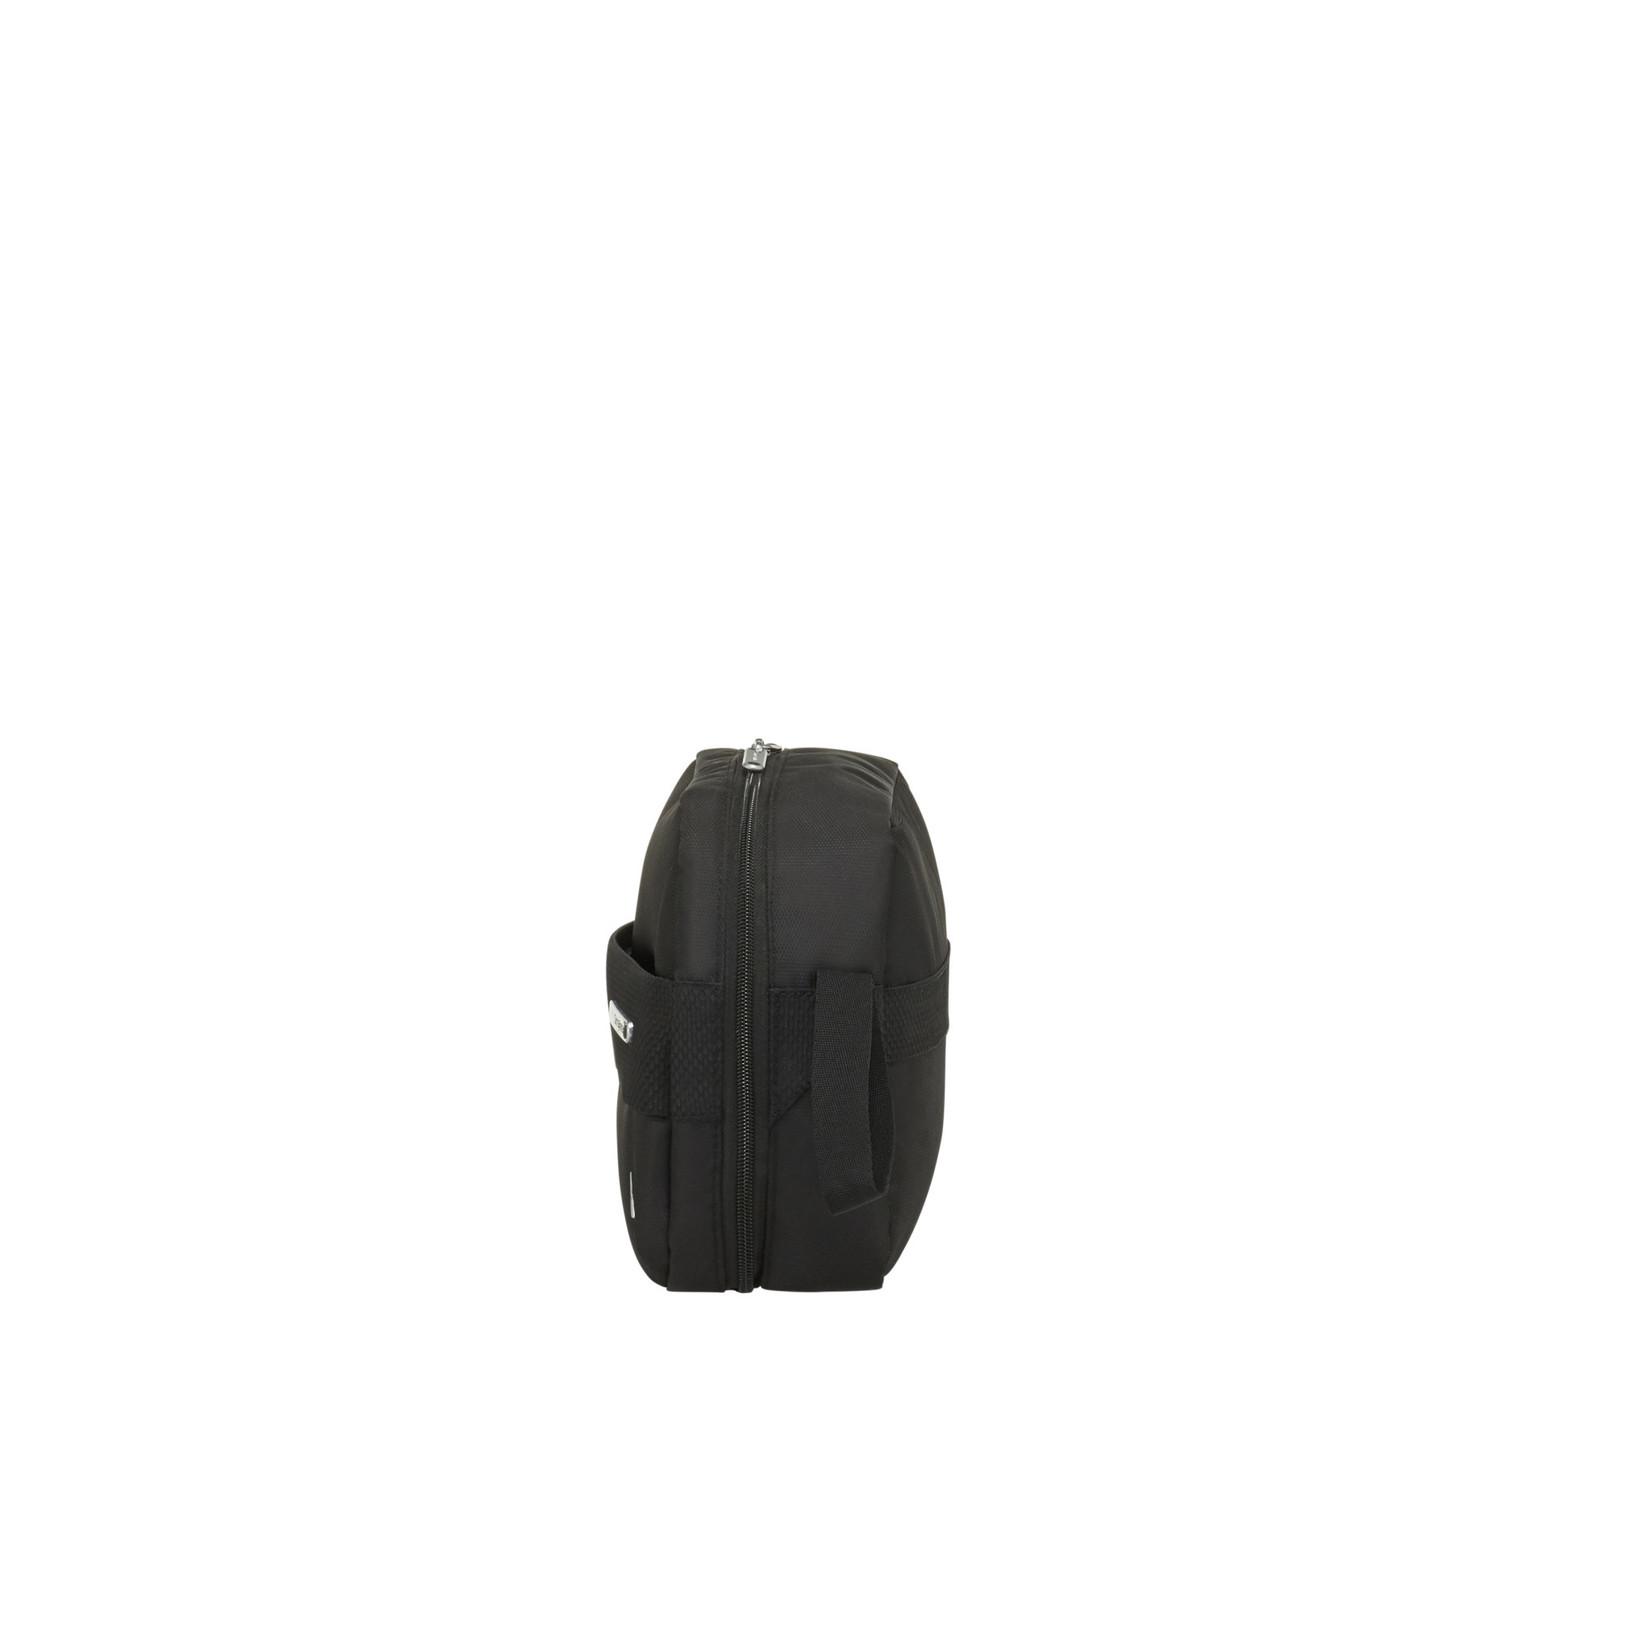 Samsonite Duopack Toilettas Black